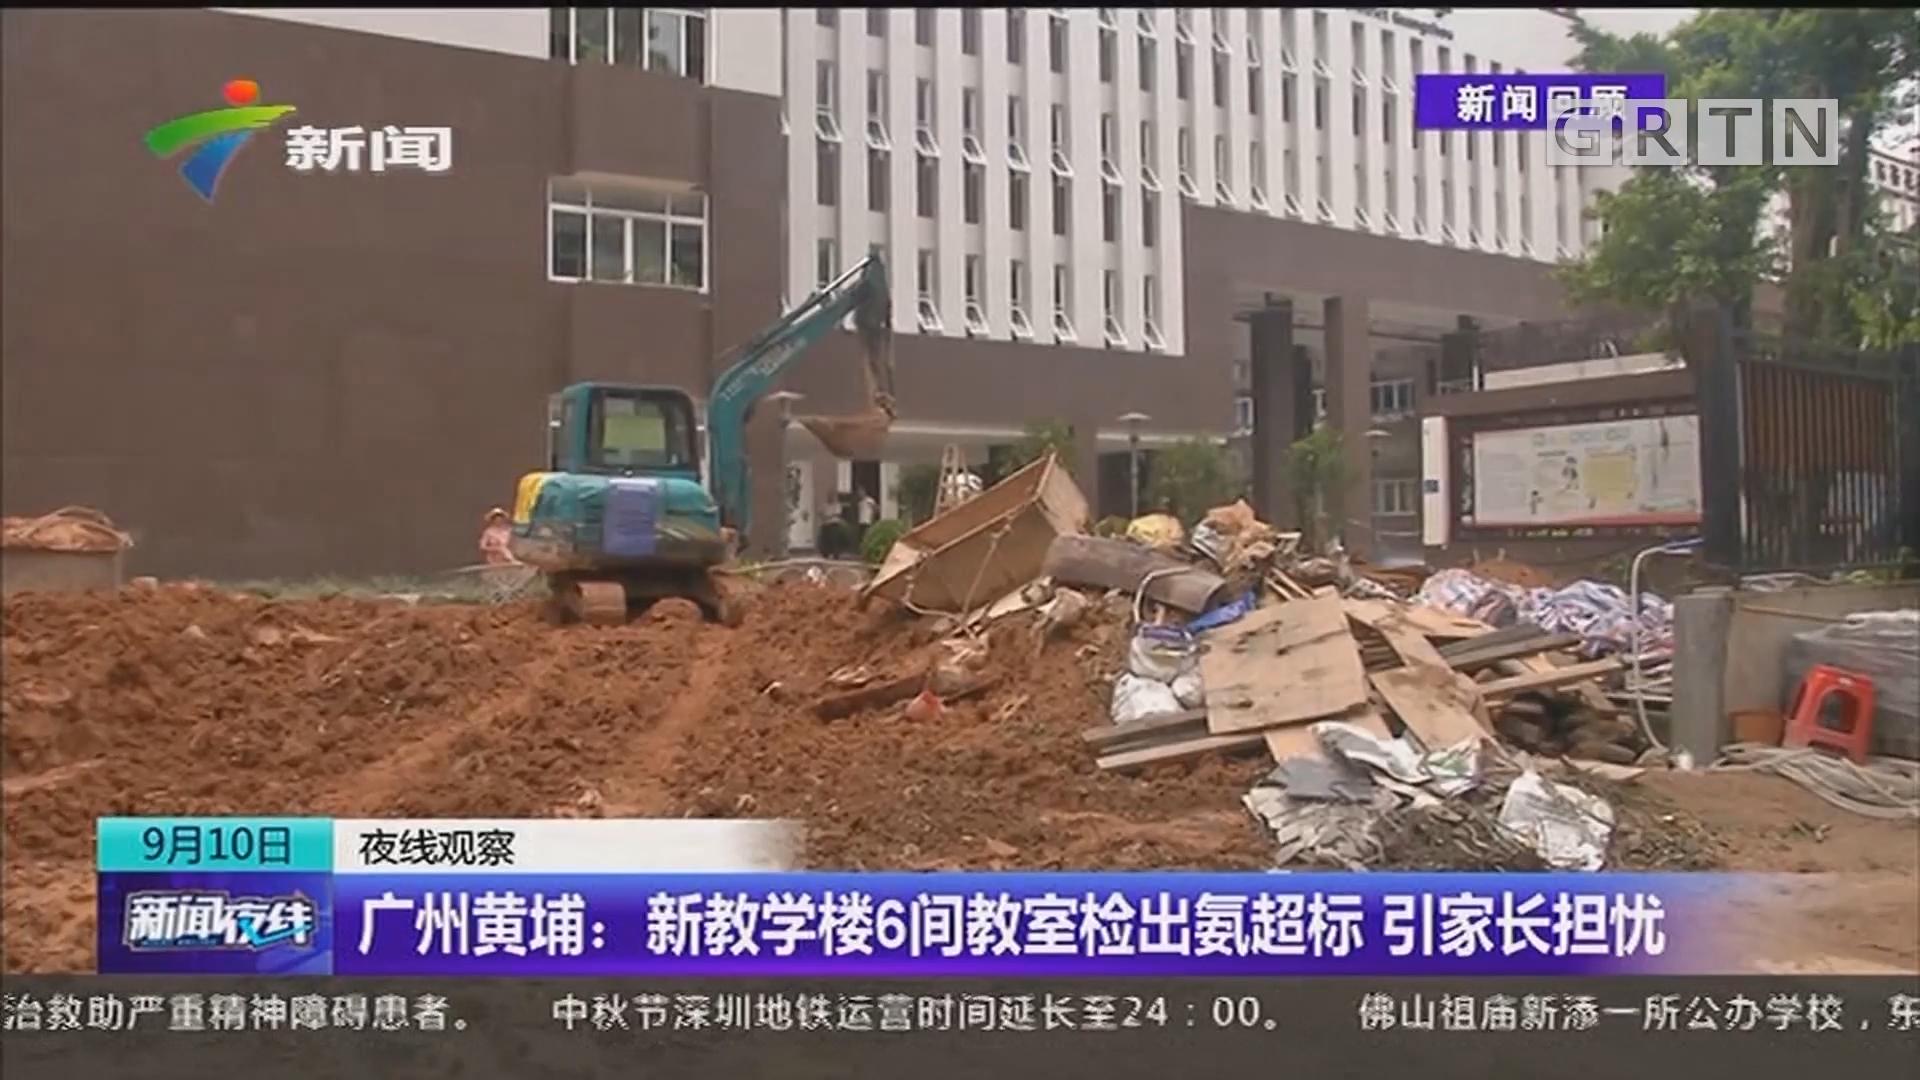 广州黄埔:新教学楼6间教室检出氨超标 引家长担忧